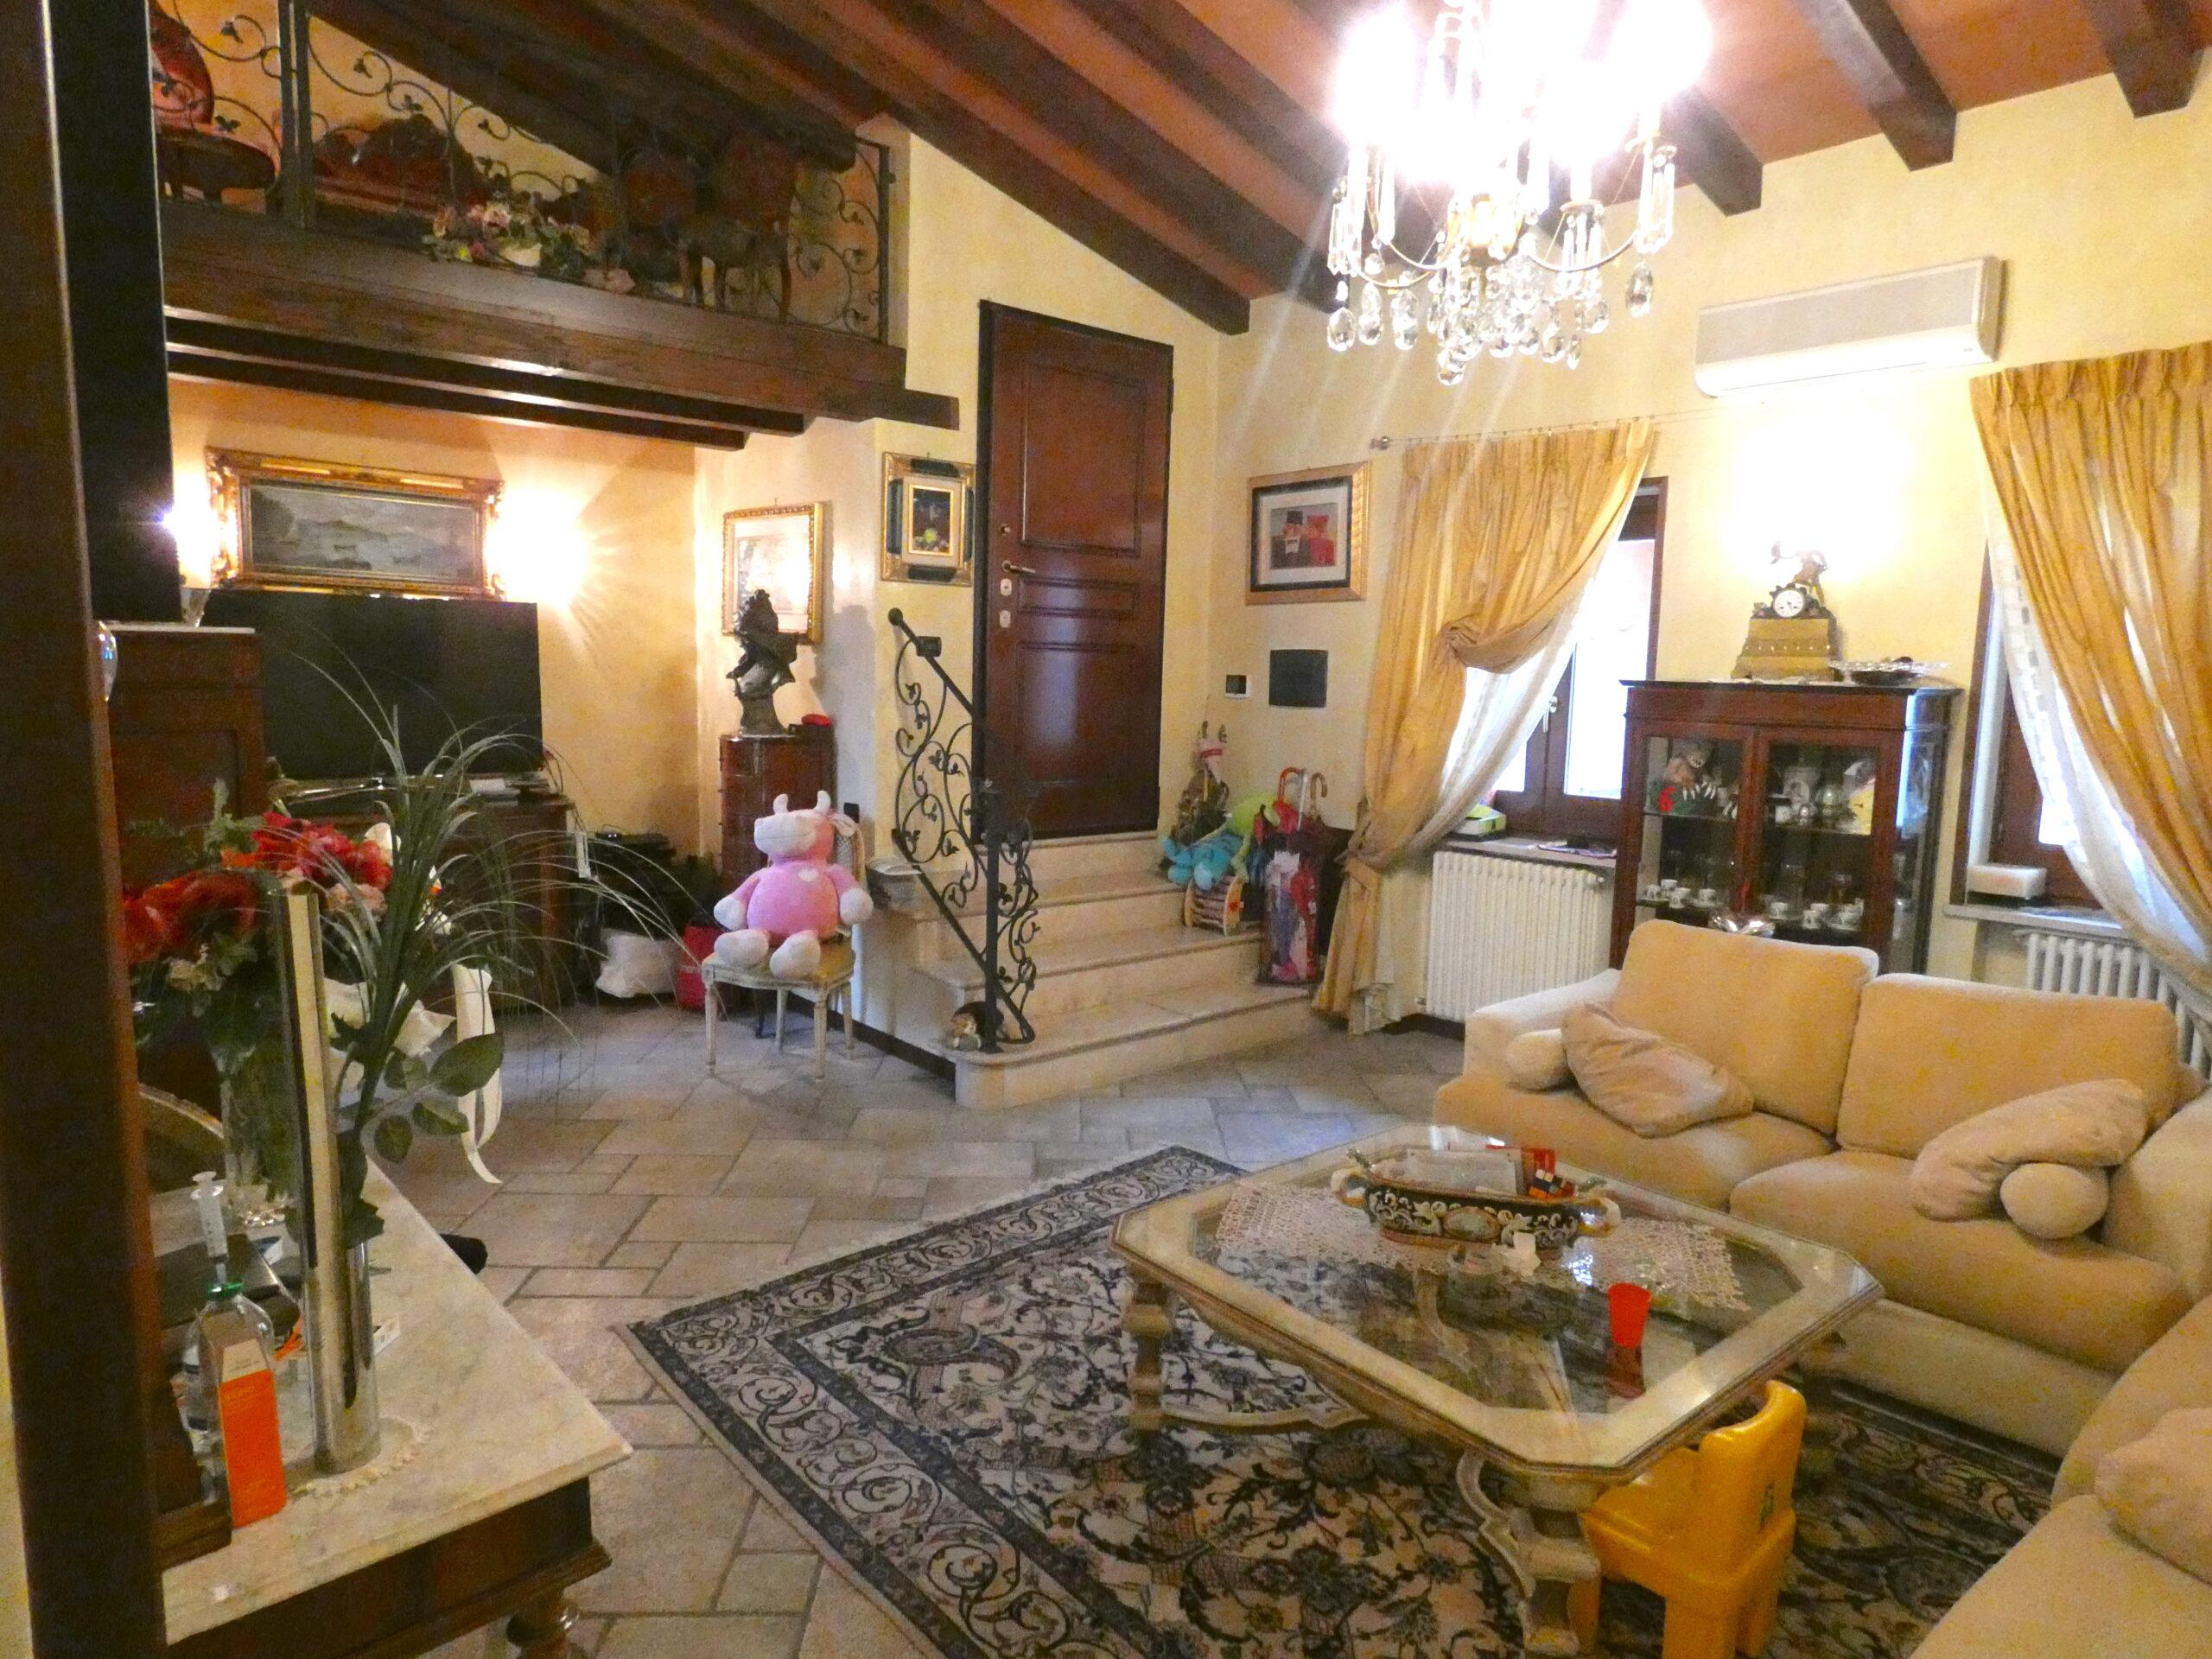 RIMINI CENTRO STORICO, Ampio appartamento in vendita con terrazzo abitabile